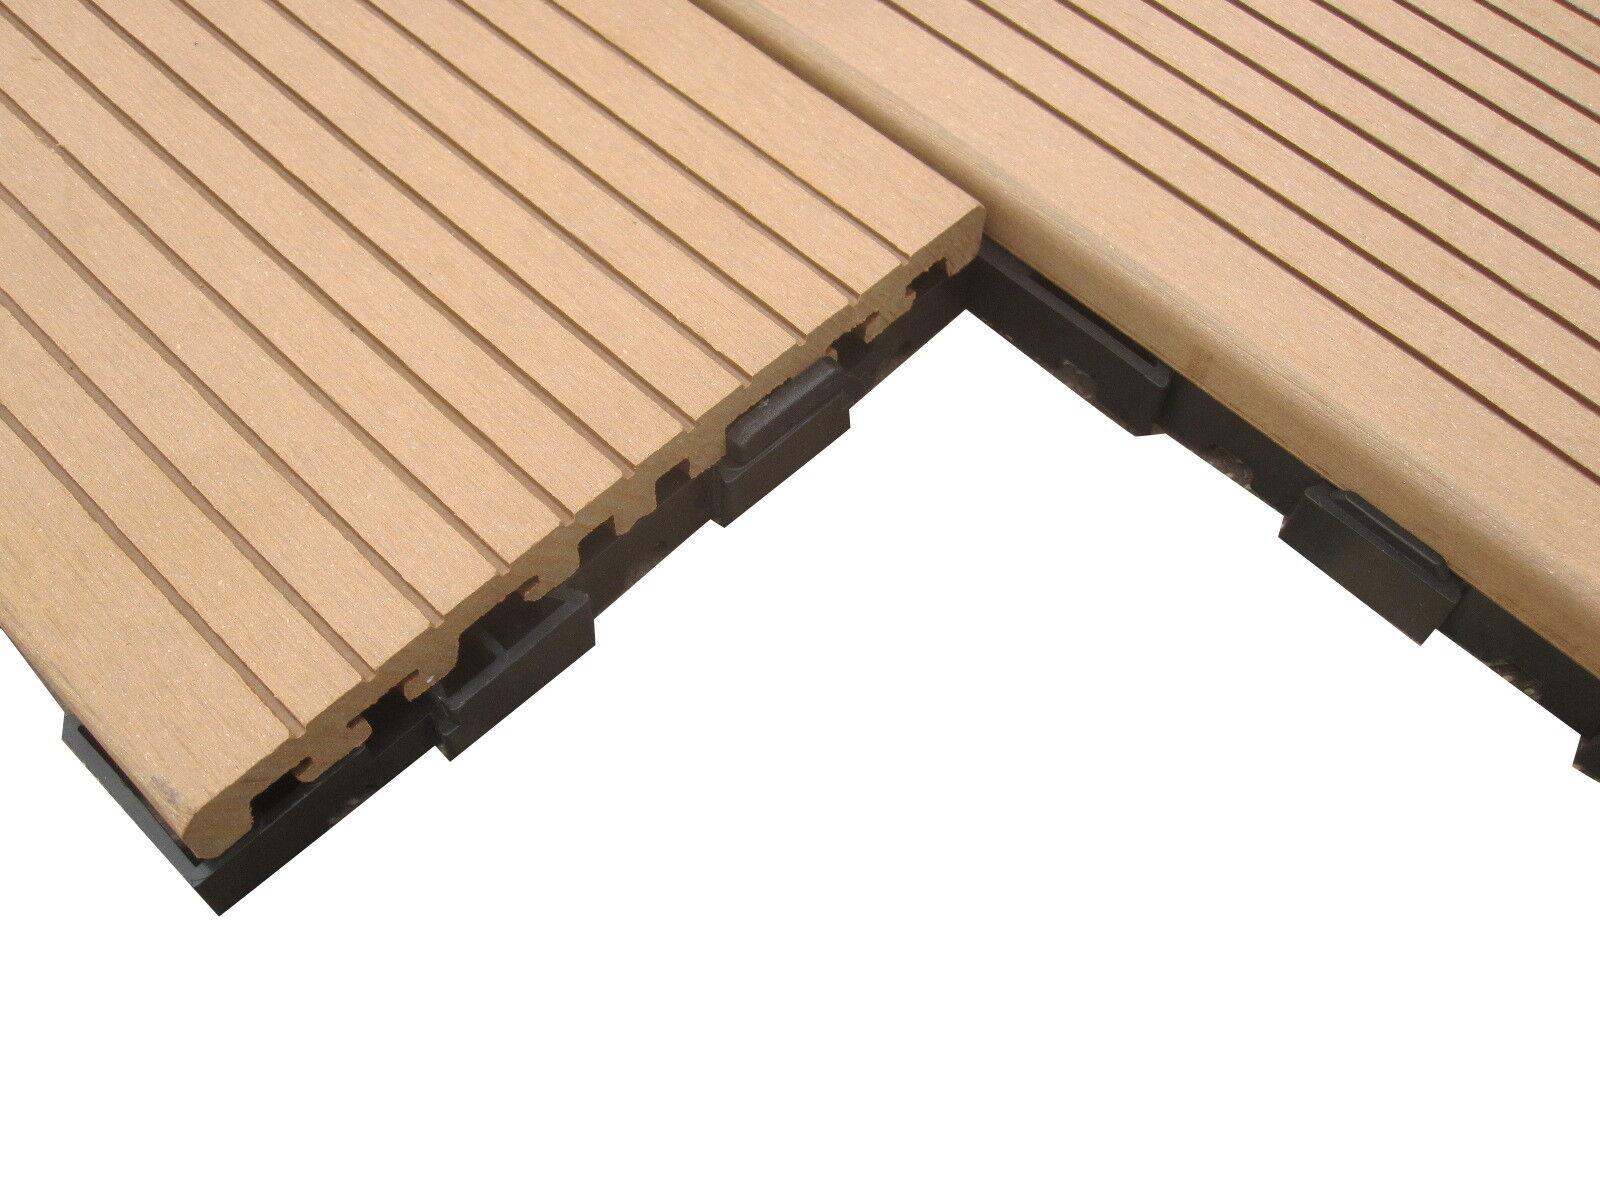 50m bpc klick fliesen terrassendielen bangkirai braun holz balkon diele wpc neu ebay. Black Bedroom Furniture Sets. Home Design Ideas